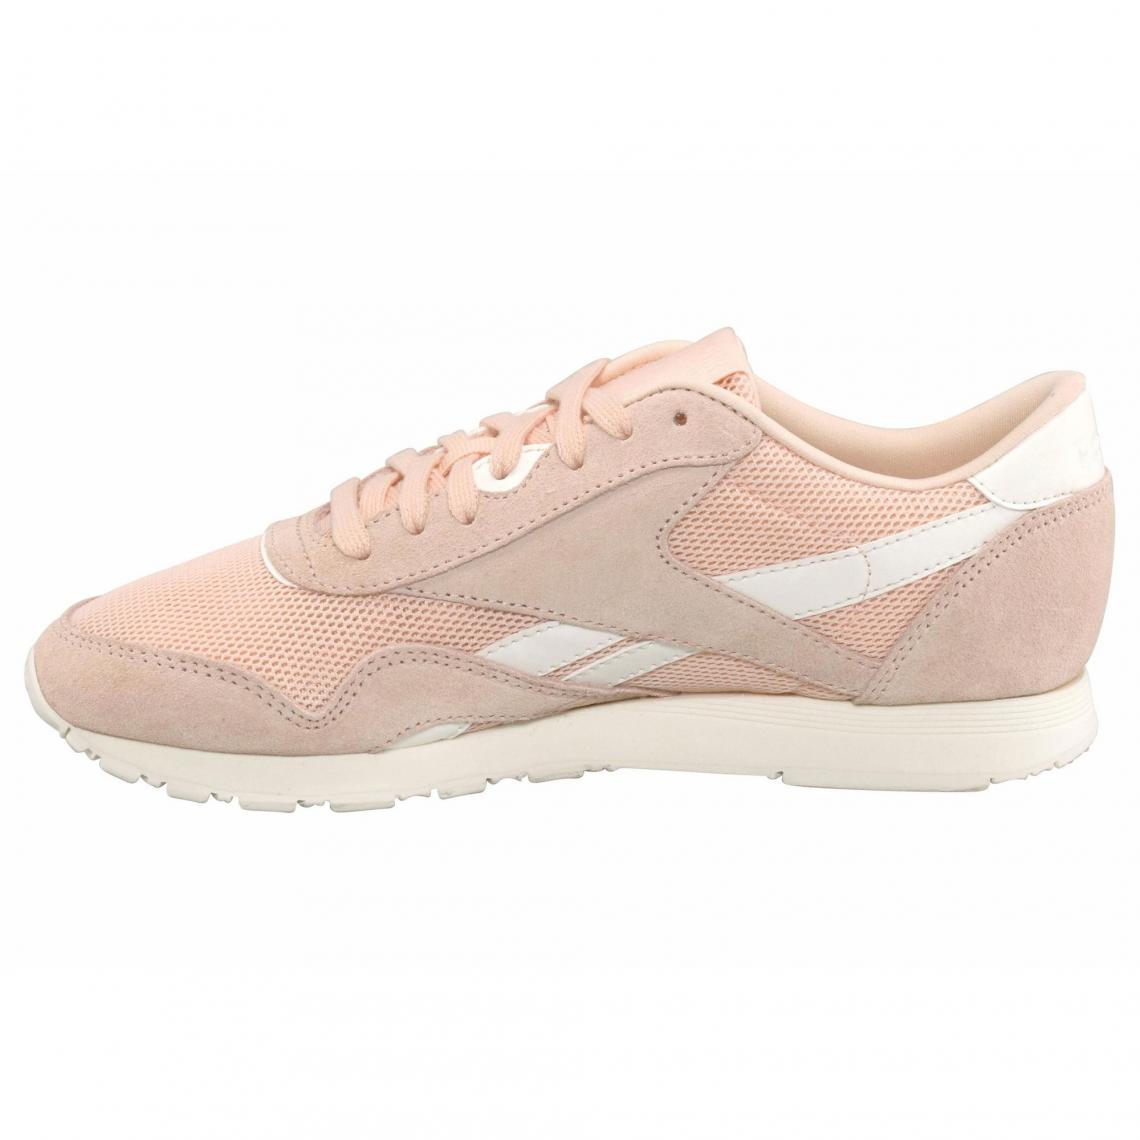 d52a63852c451 Sneakers Reebok Cliquez l image pour l agrandir. Baskets basses femme  Reebok Classic Nylon Mesh - Abricot Reebok